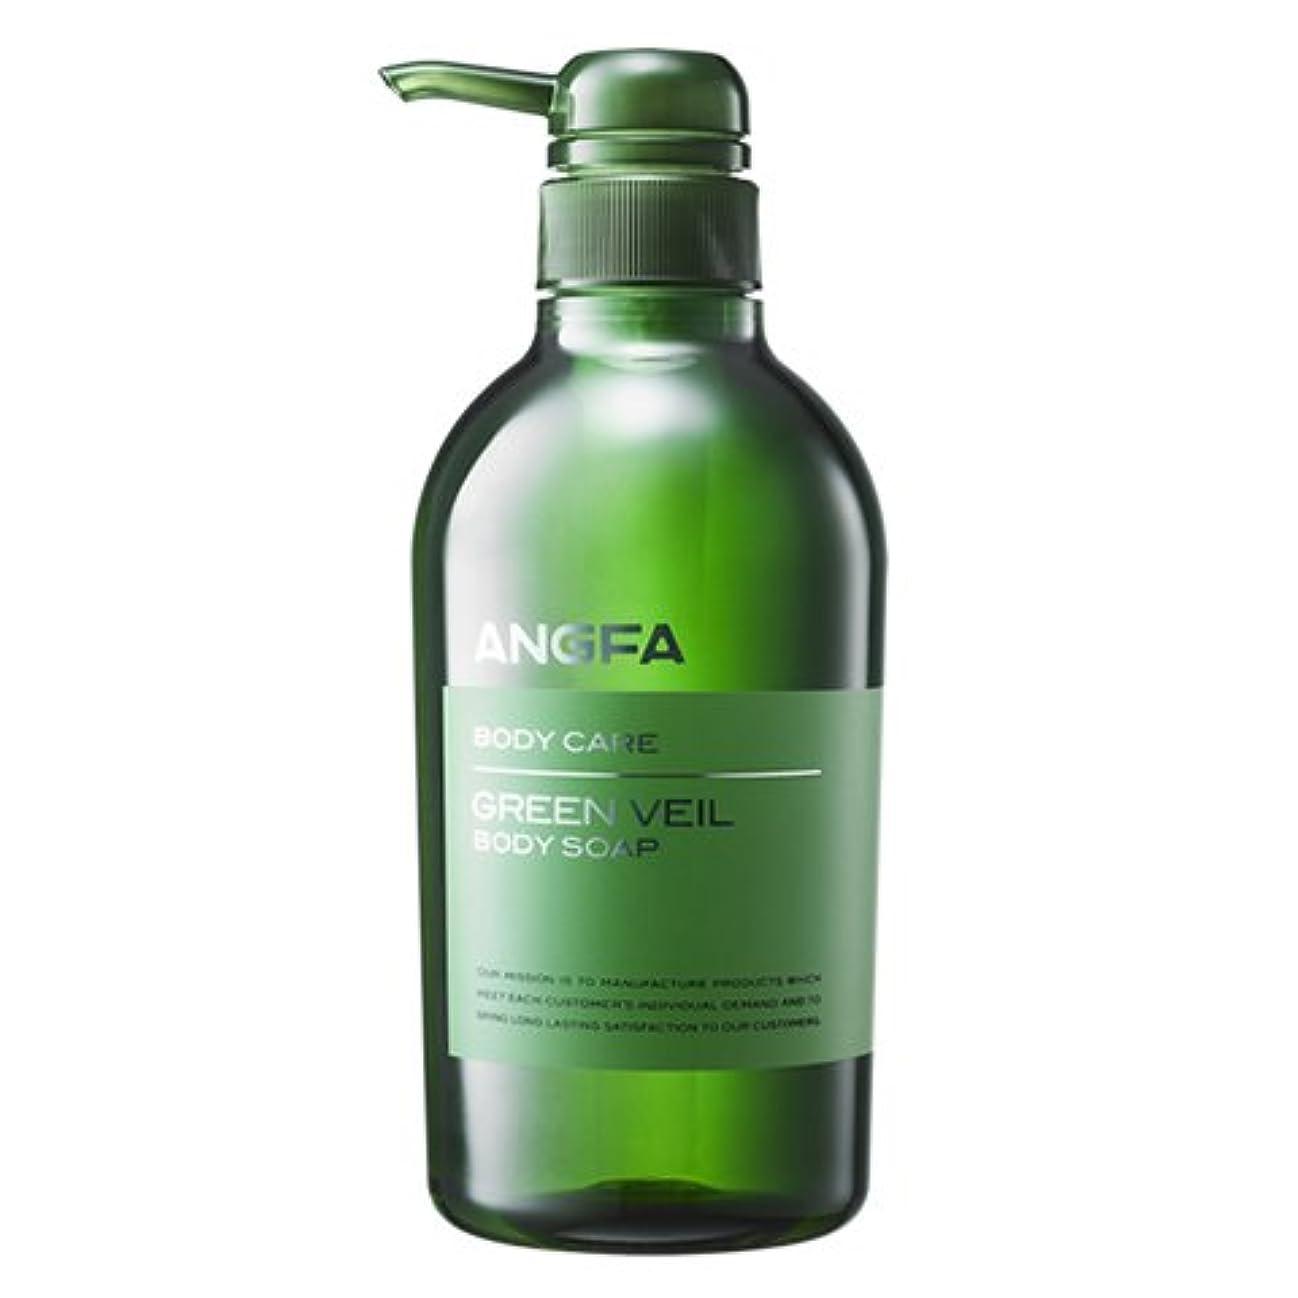 必需品引き渡す桃アンファー (ANGFA) グリーンベール 薬用ボディソープ 500ml グリーンフローラル [乾燥?保湿] かゆみ肌